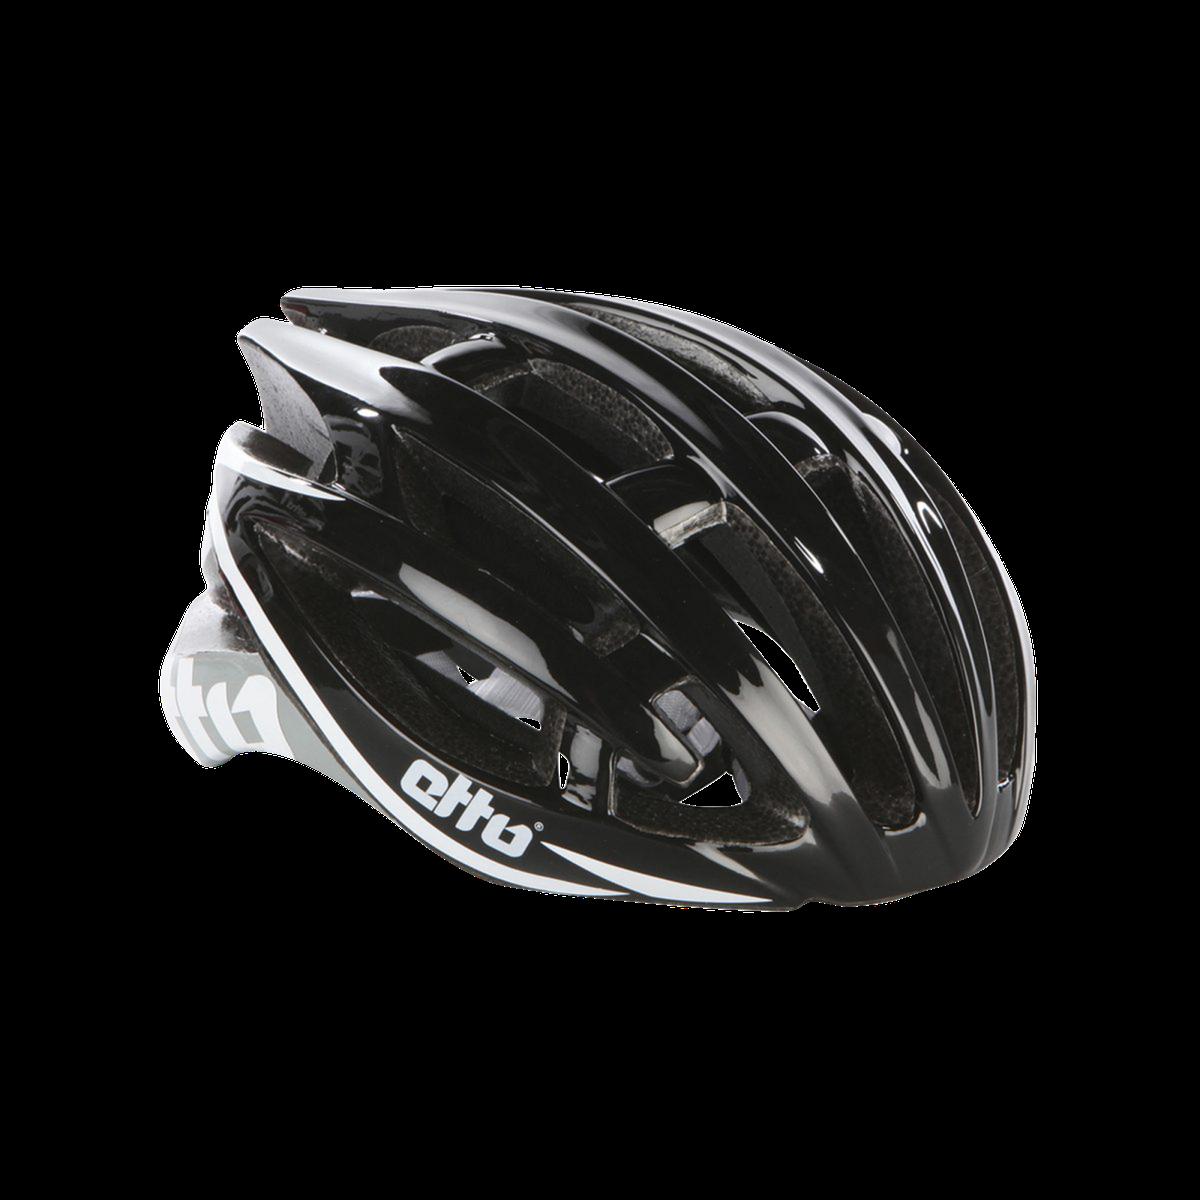 Stelvio, cykelhjelm 17 | Helmets